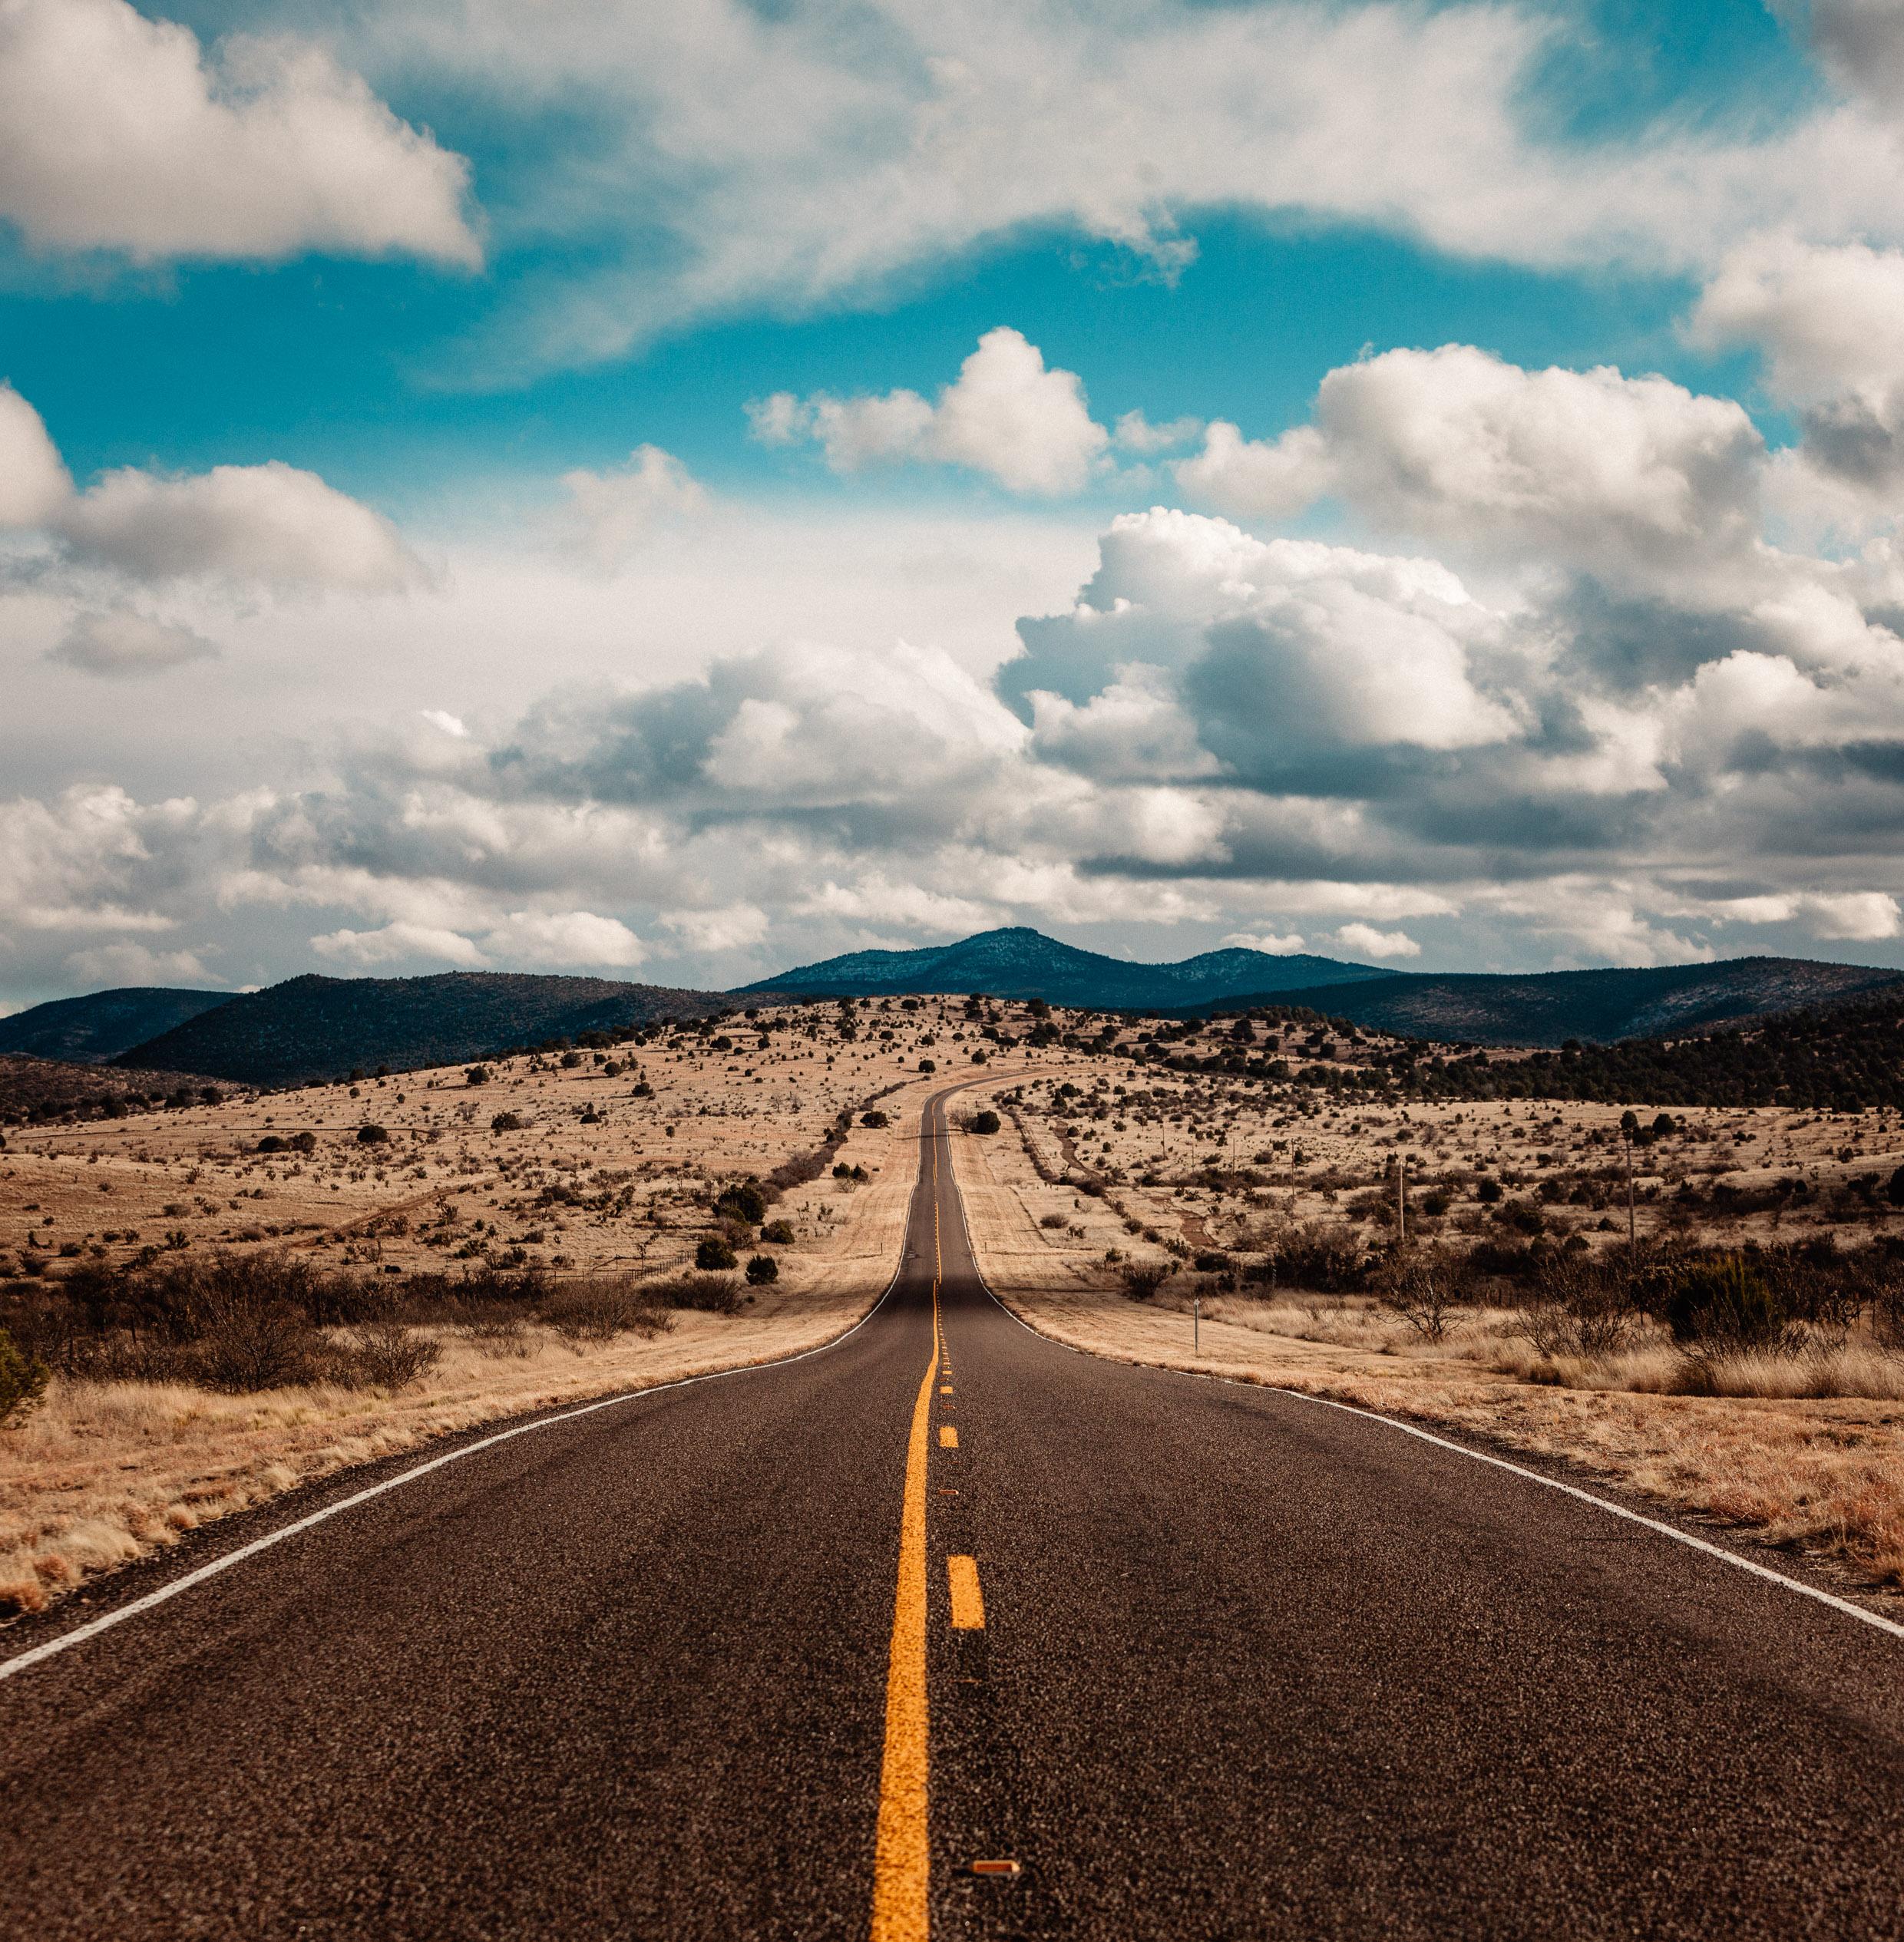 marfa texas landscape